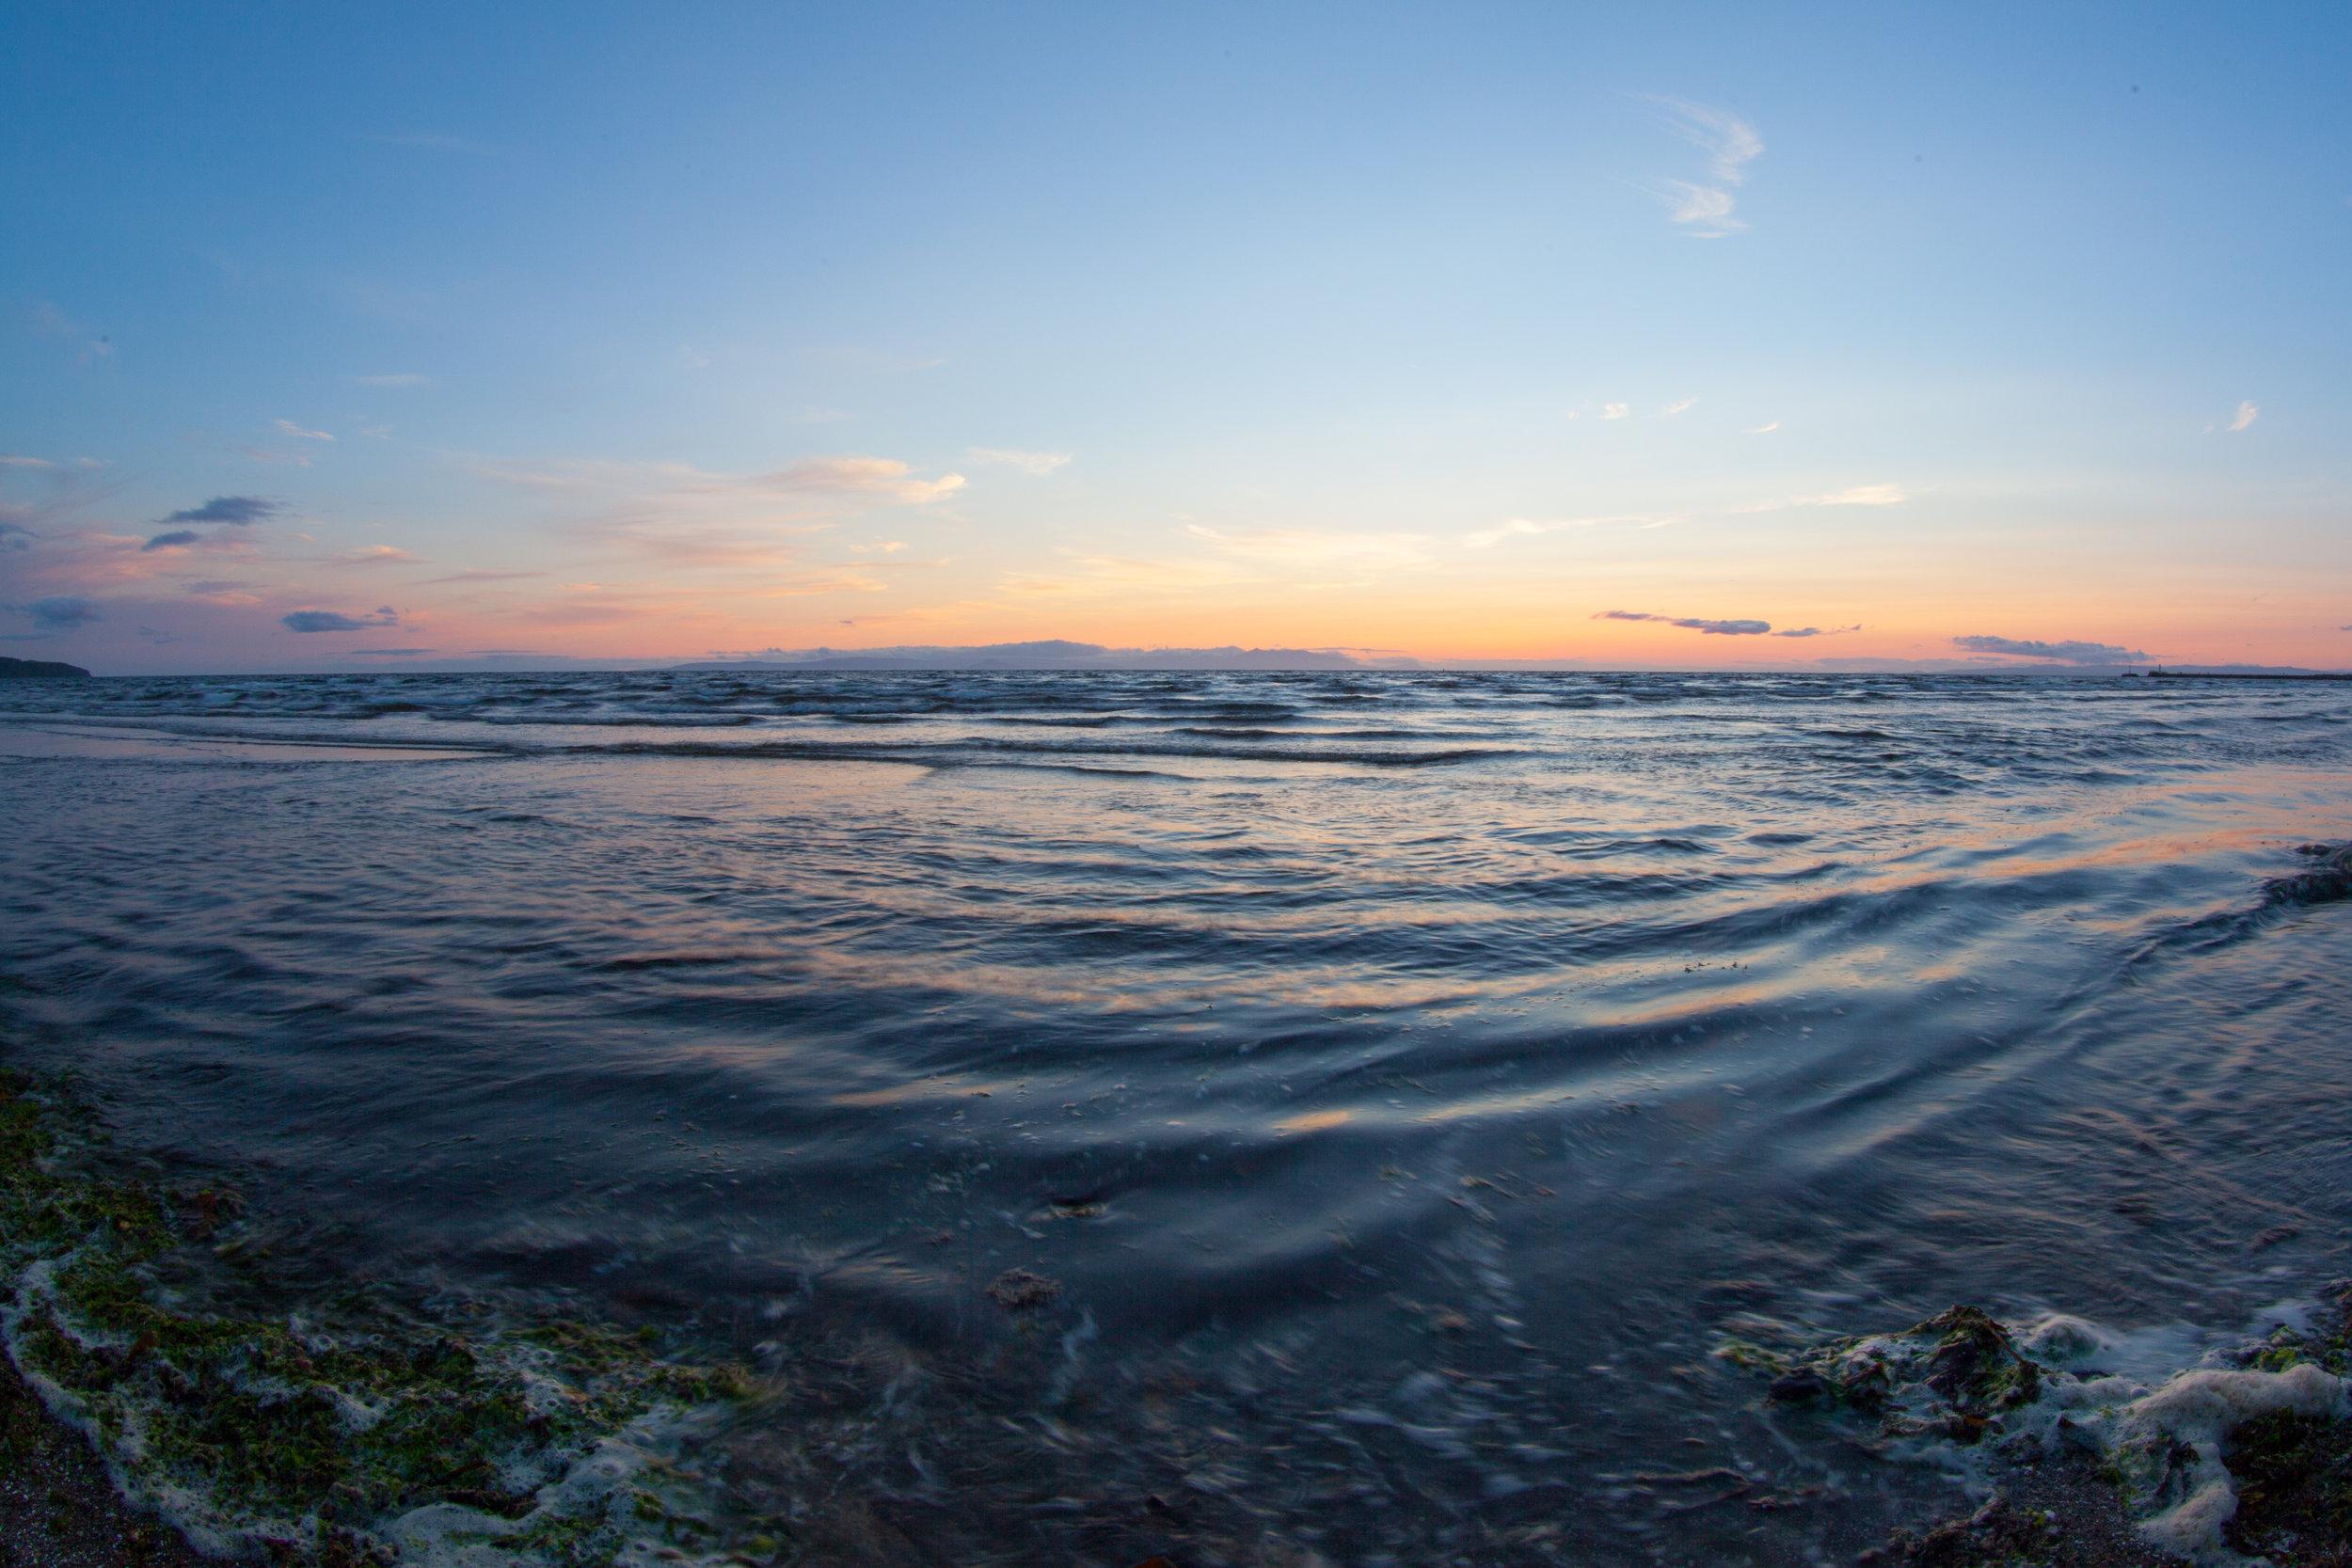 An abstract ocean photo taken in Ayr, Scotland.